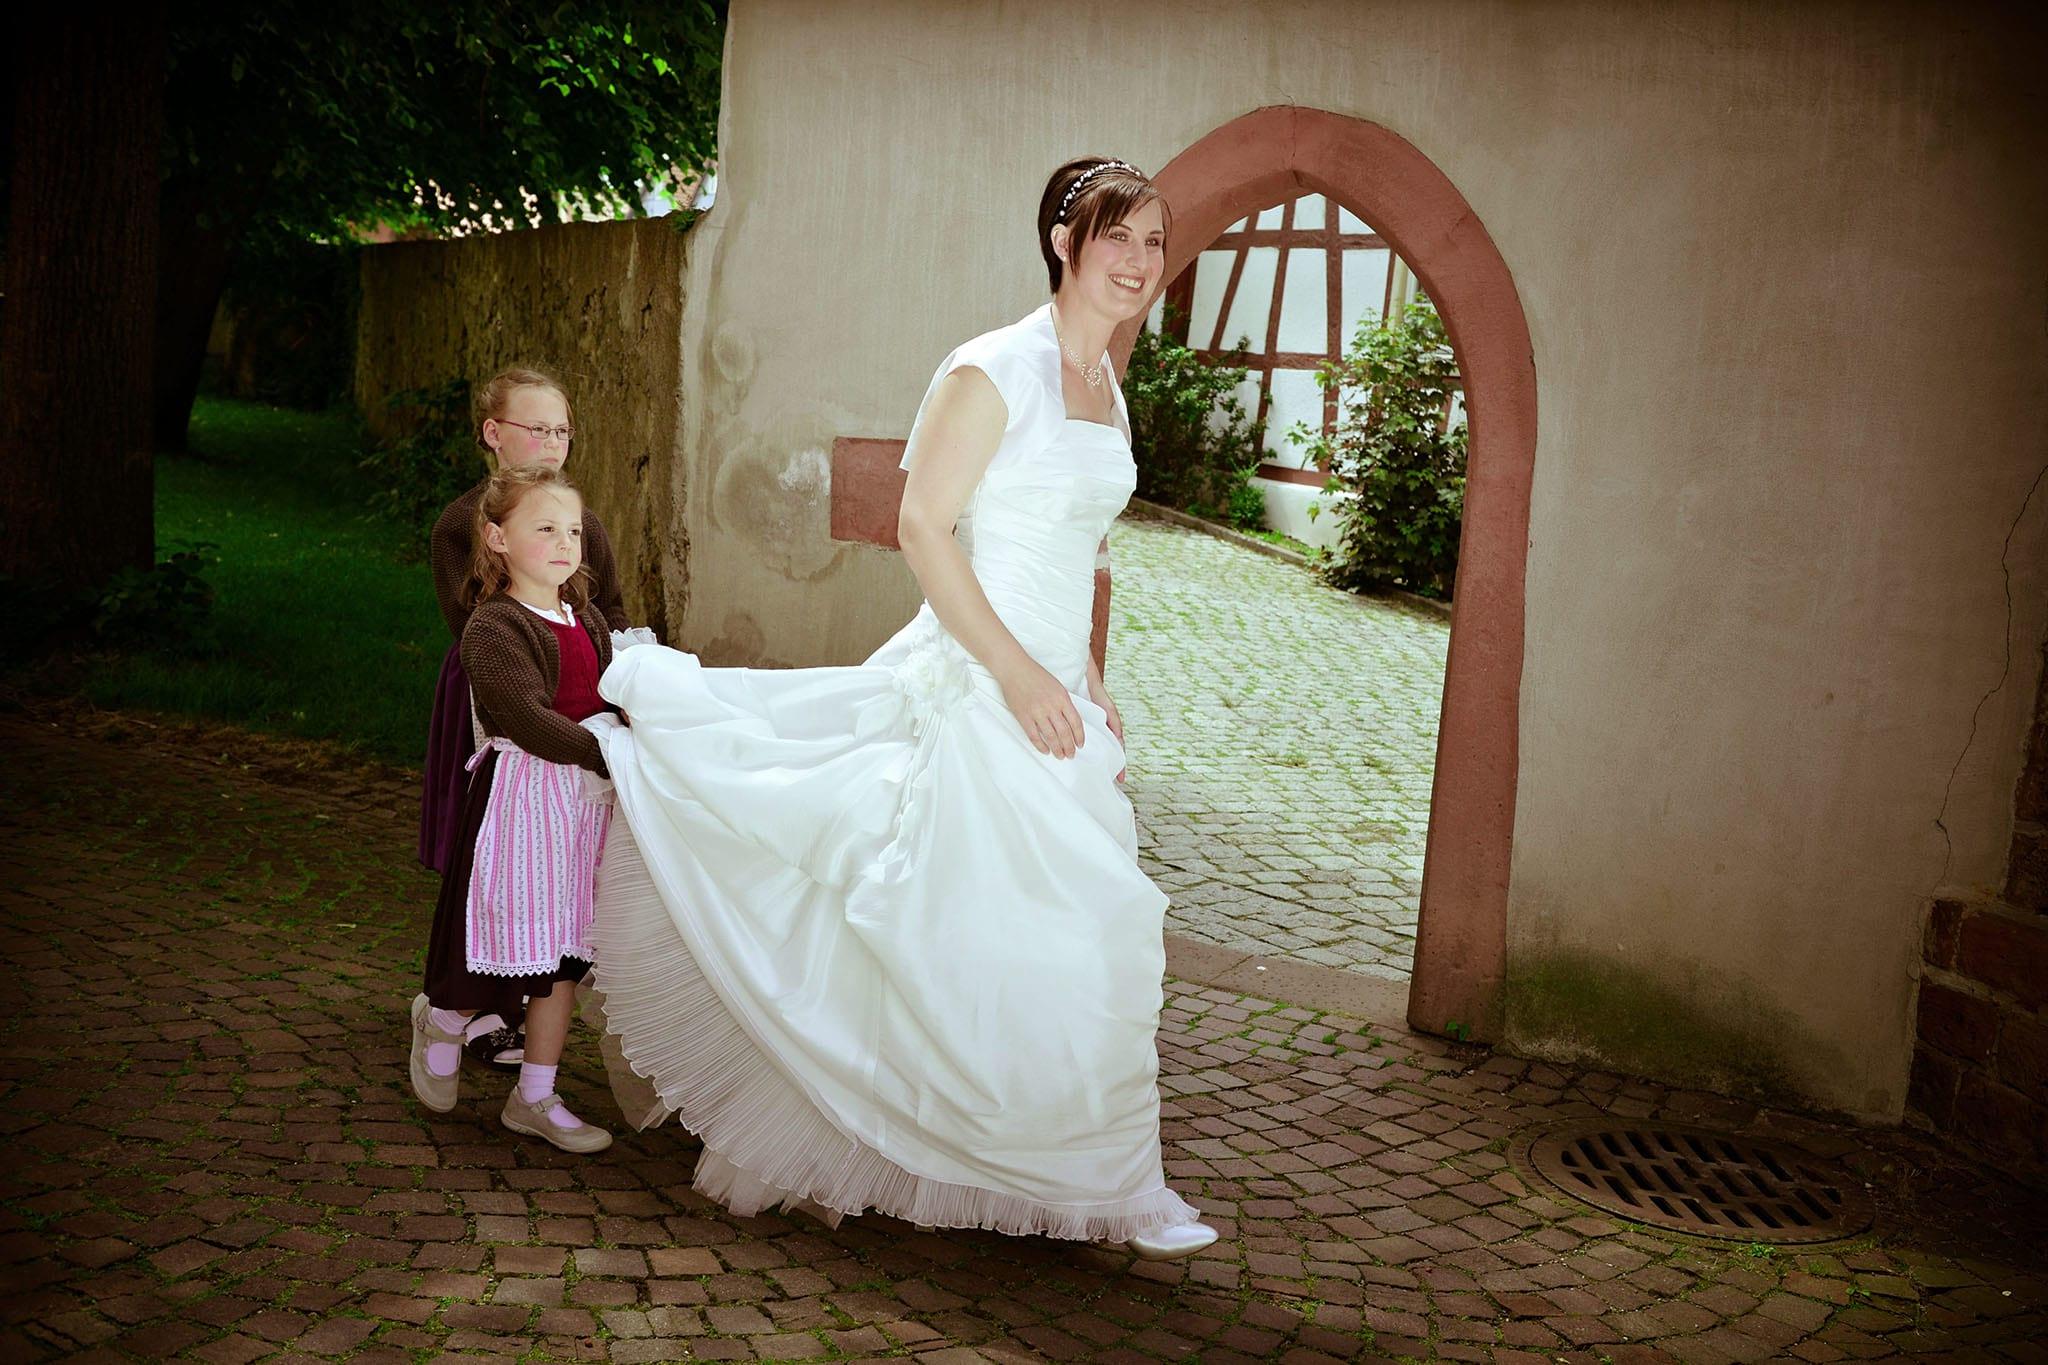 Hochzeit 032 Braut Hochzeit heiraten Brautjungfern Brautkleid Schleppe Hochzeitsfoto Hochzeitsfotografie Daniel Fuss Fotografie